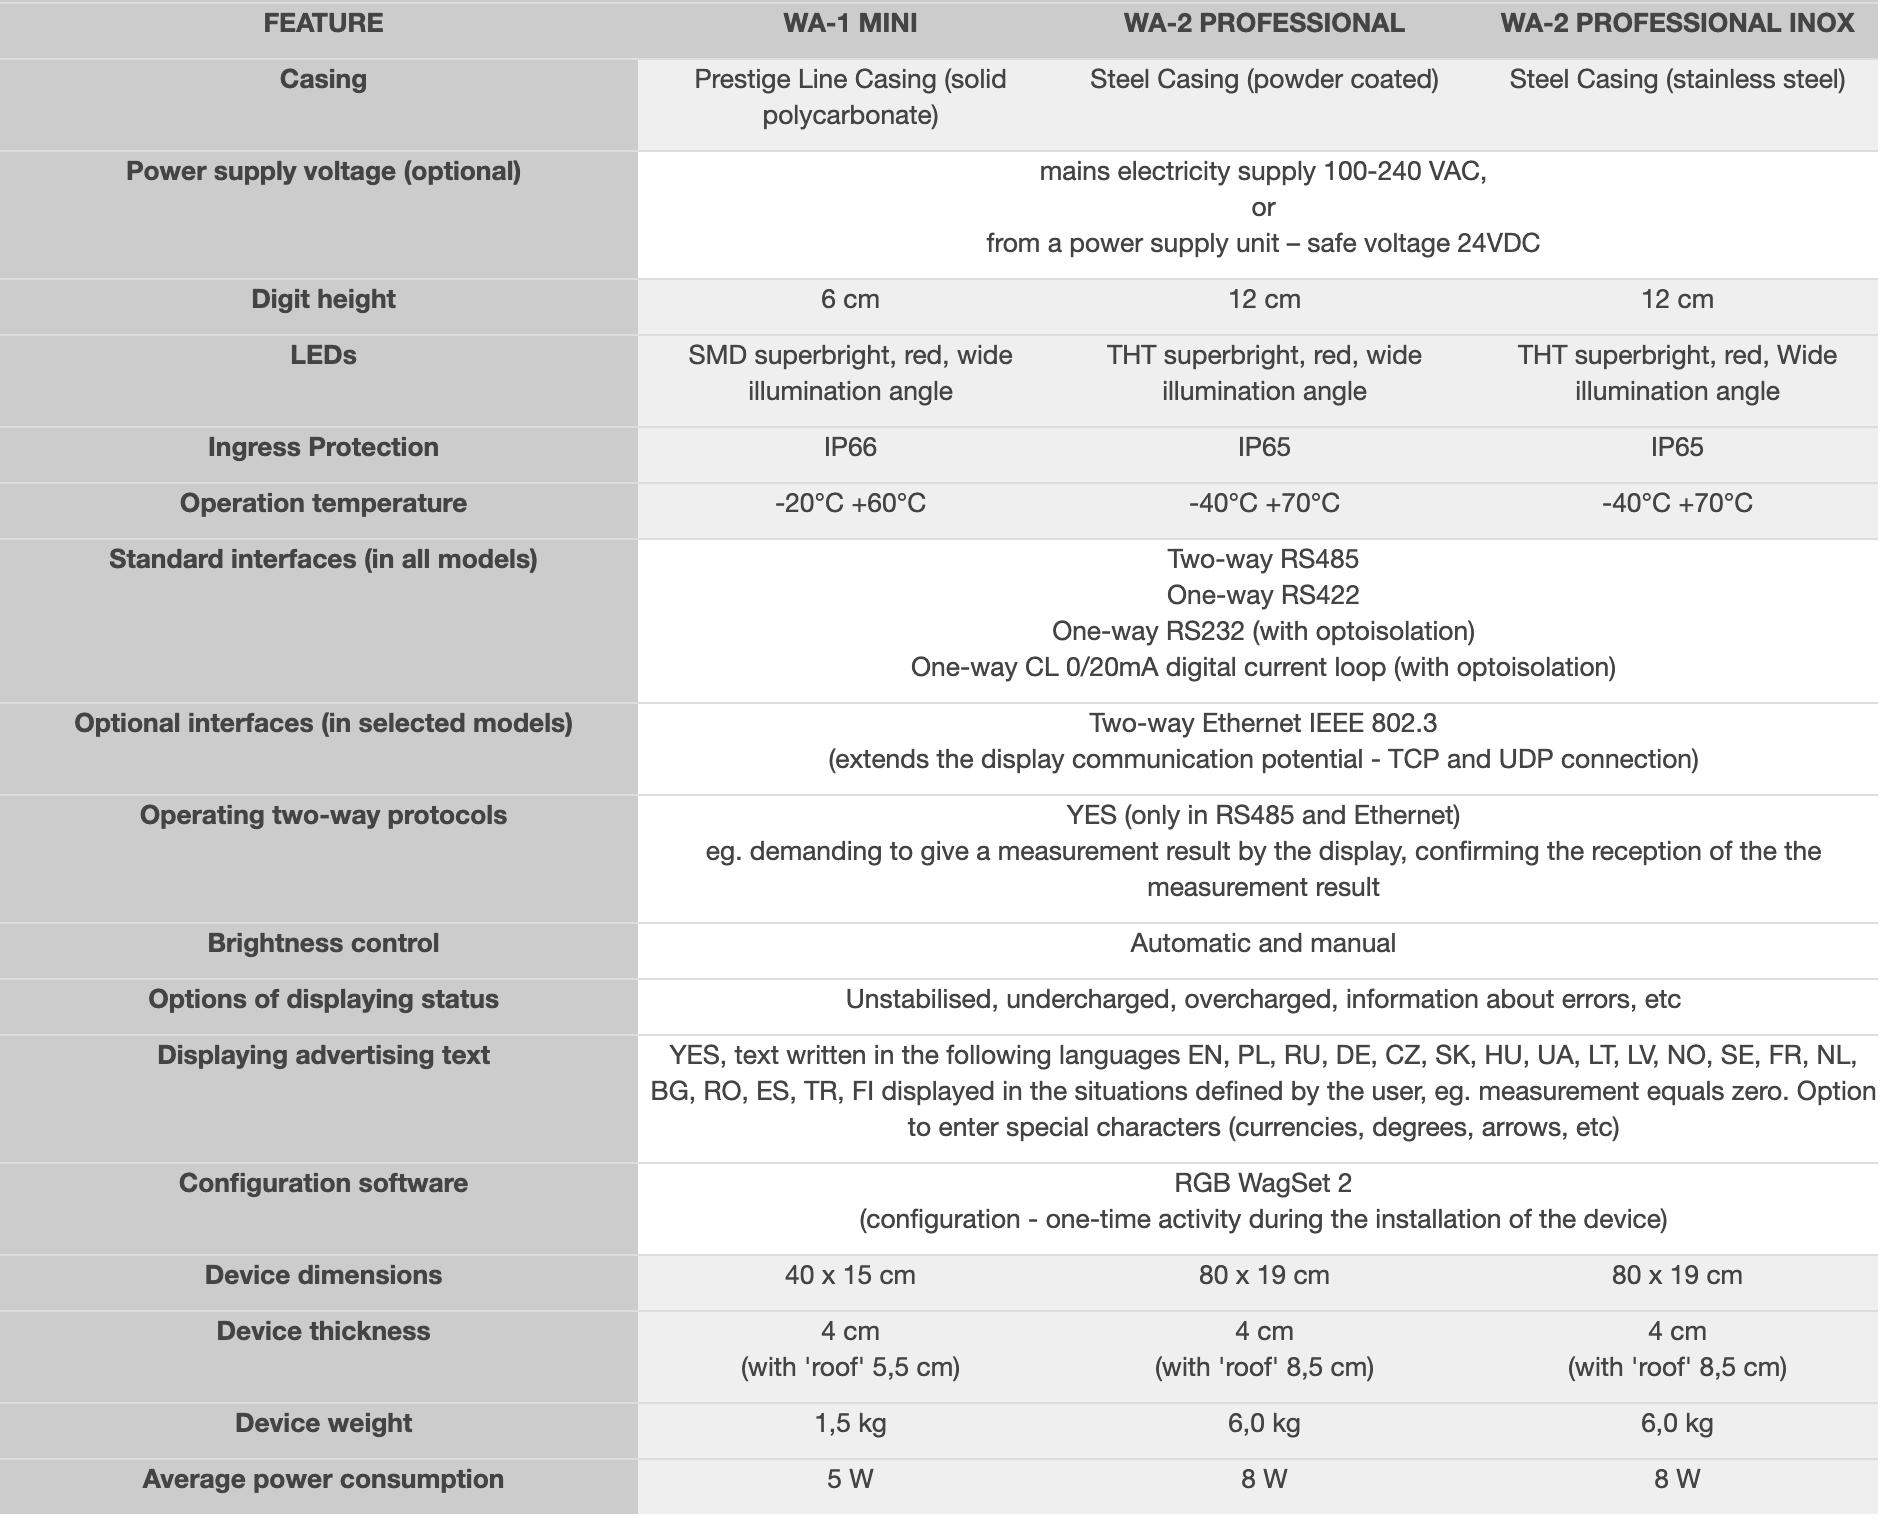 Feature Comparisons